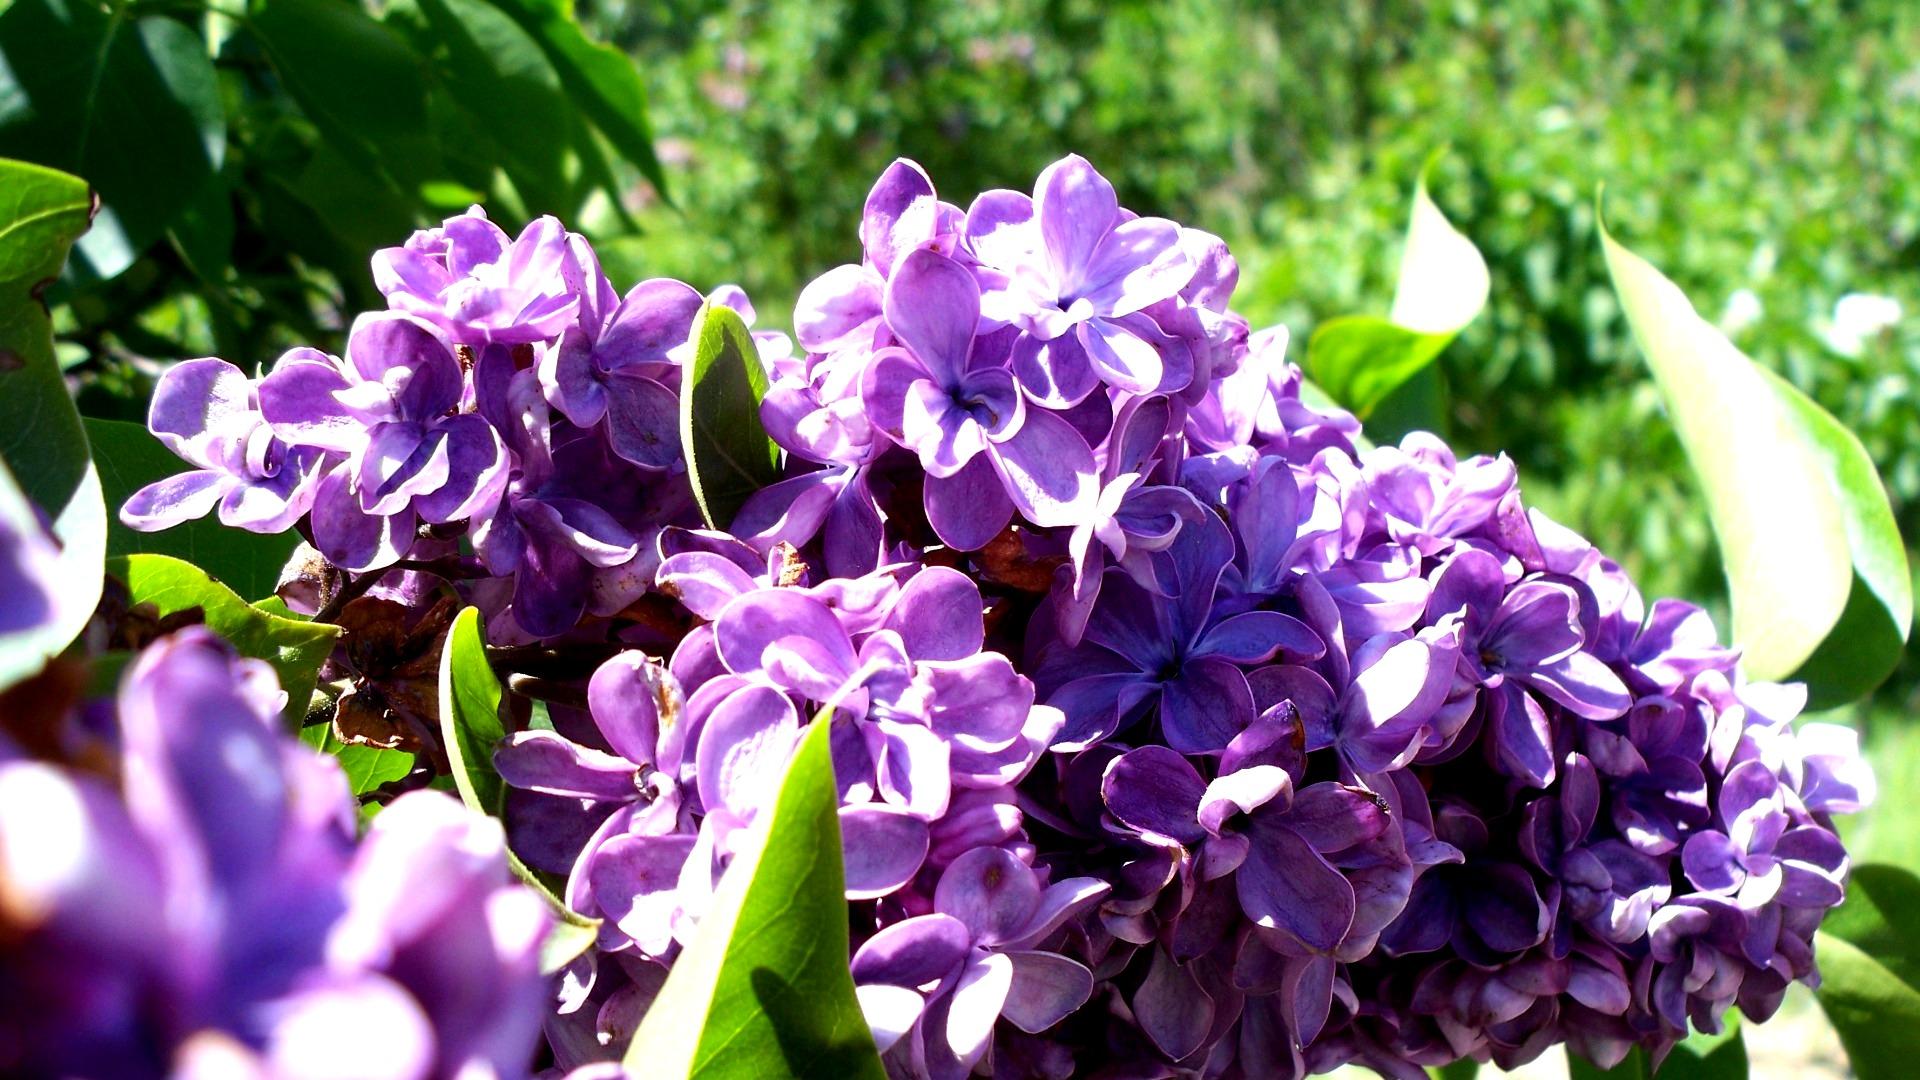 Những bông hoa tím đậm rực rỡ dưới nắng